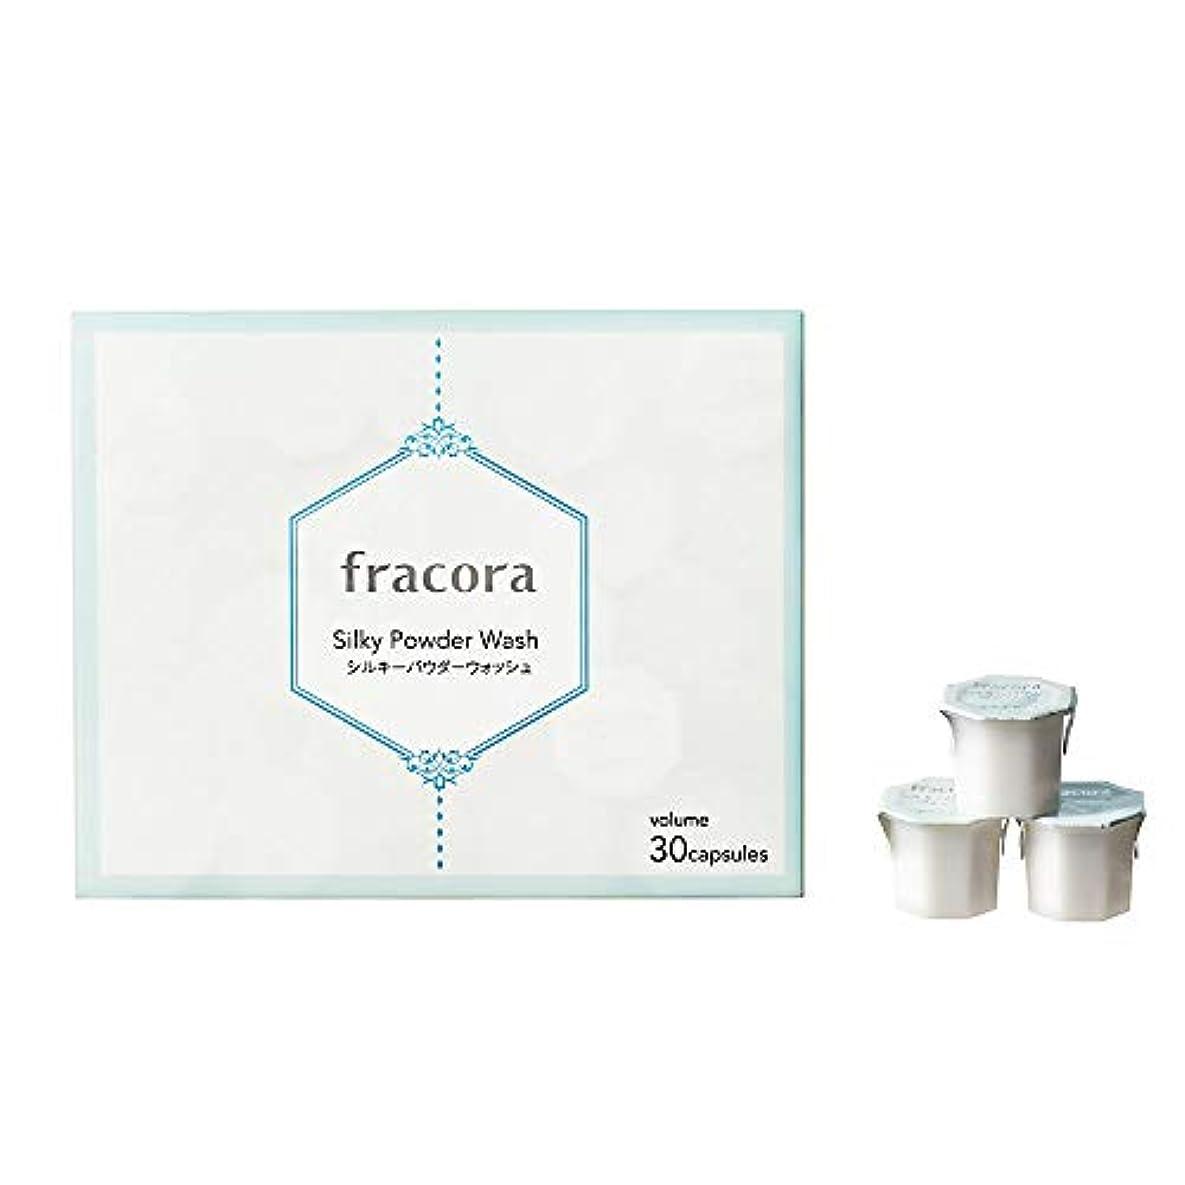 休み夜間昆虫を見るfracora(フラコラ) 酵素洗顔 シルキーパウダーウォッシュ 30カプセル入